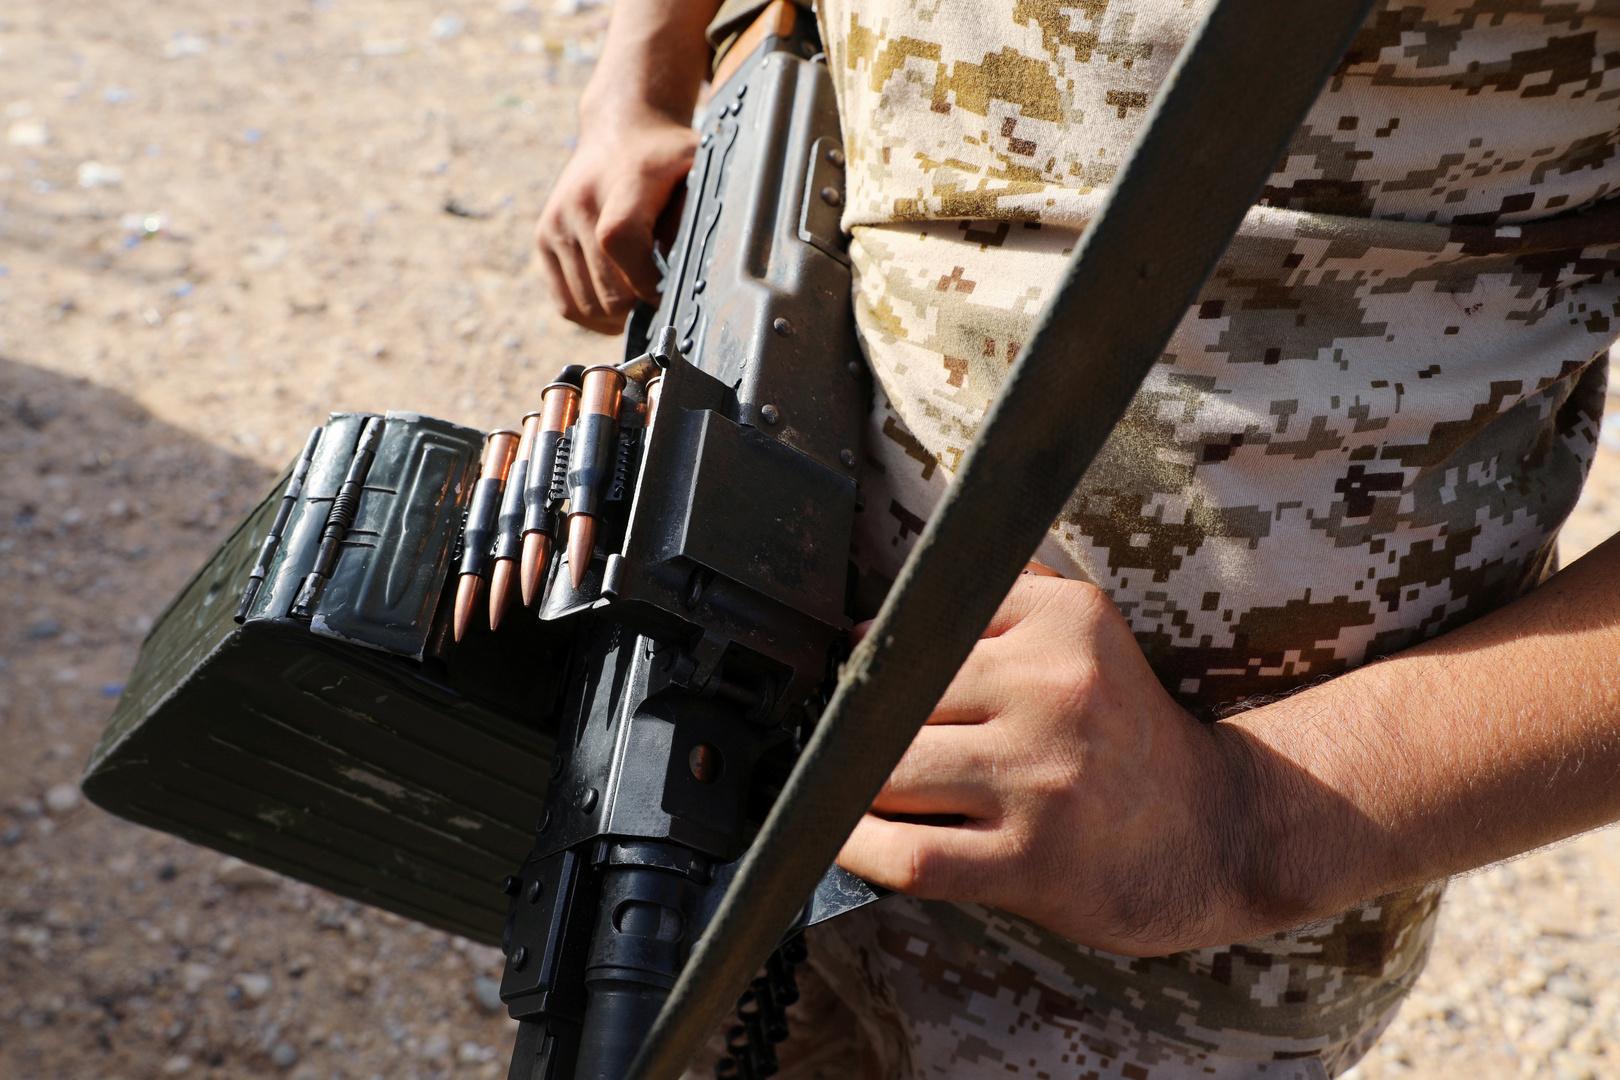 تقارير تؤكد مقتل 117 مسلحا من سوريا بمعارك ليبيا